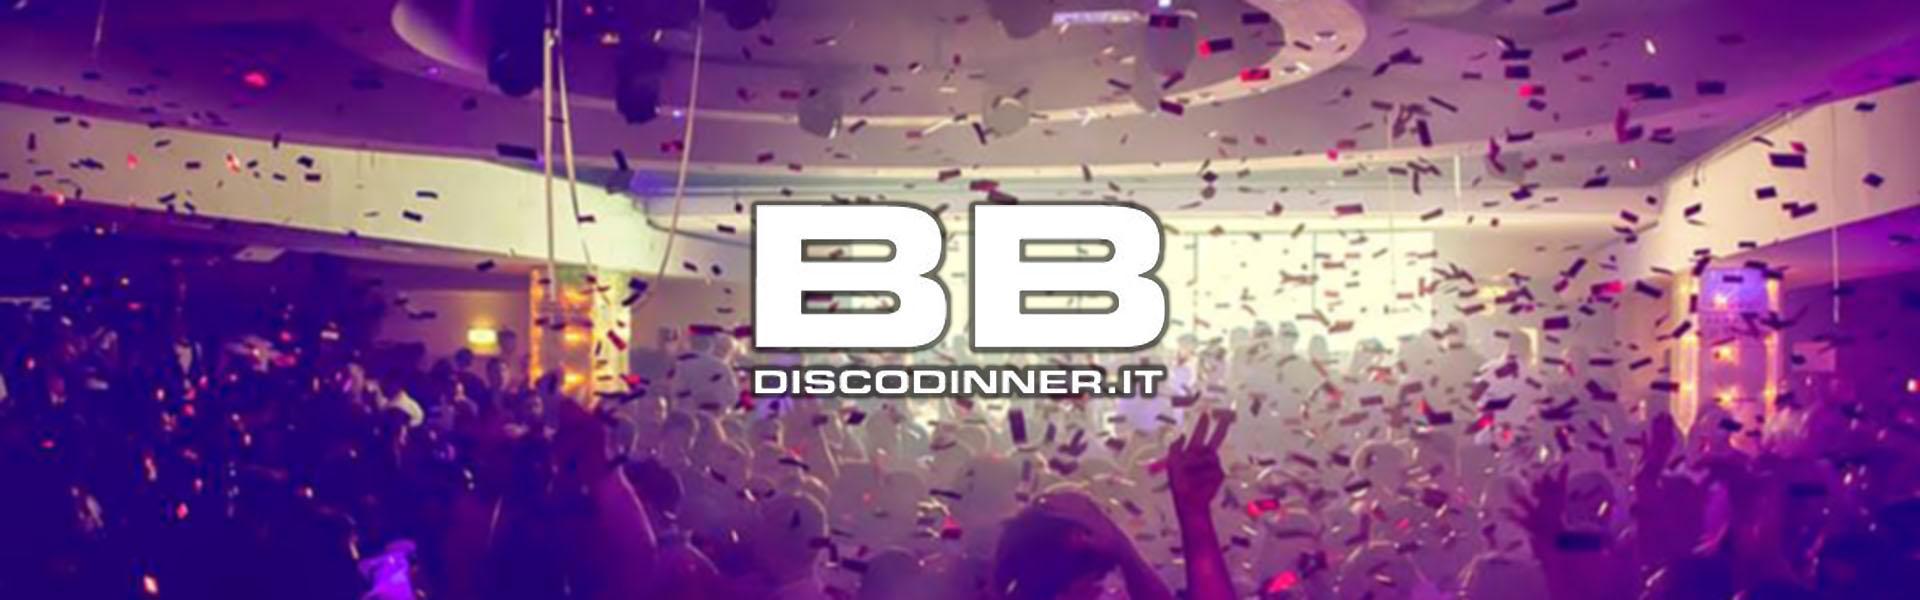 BB Disco Dinner - Cupra Marittima